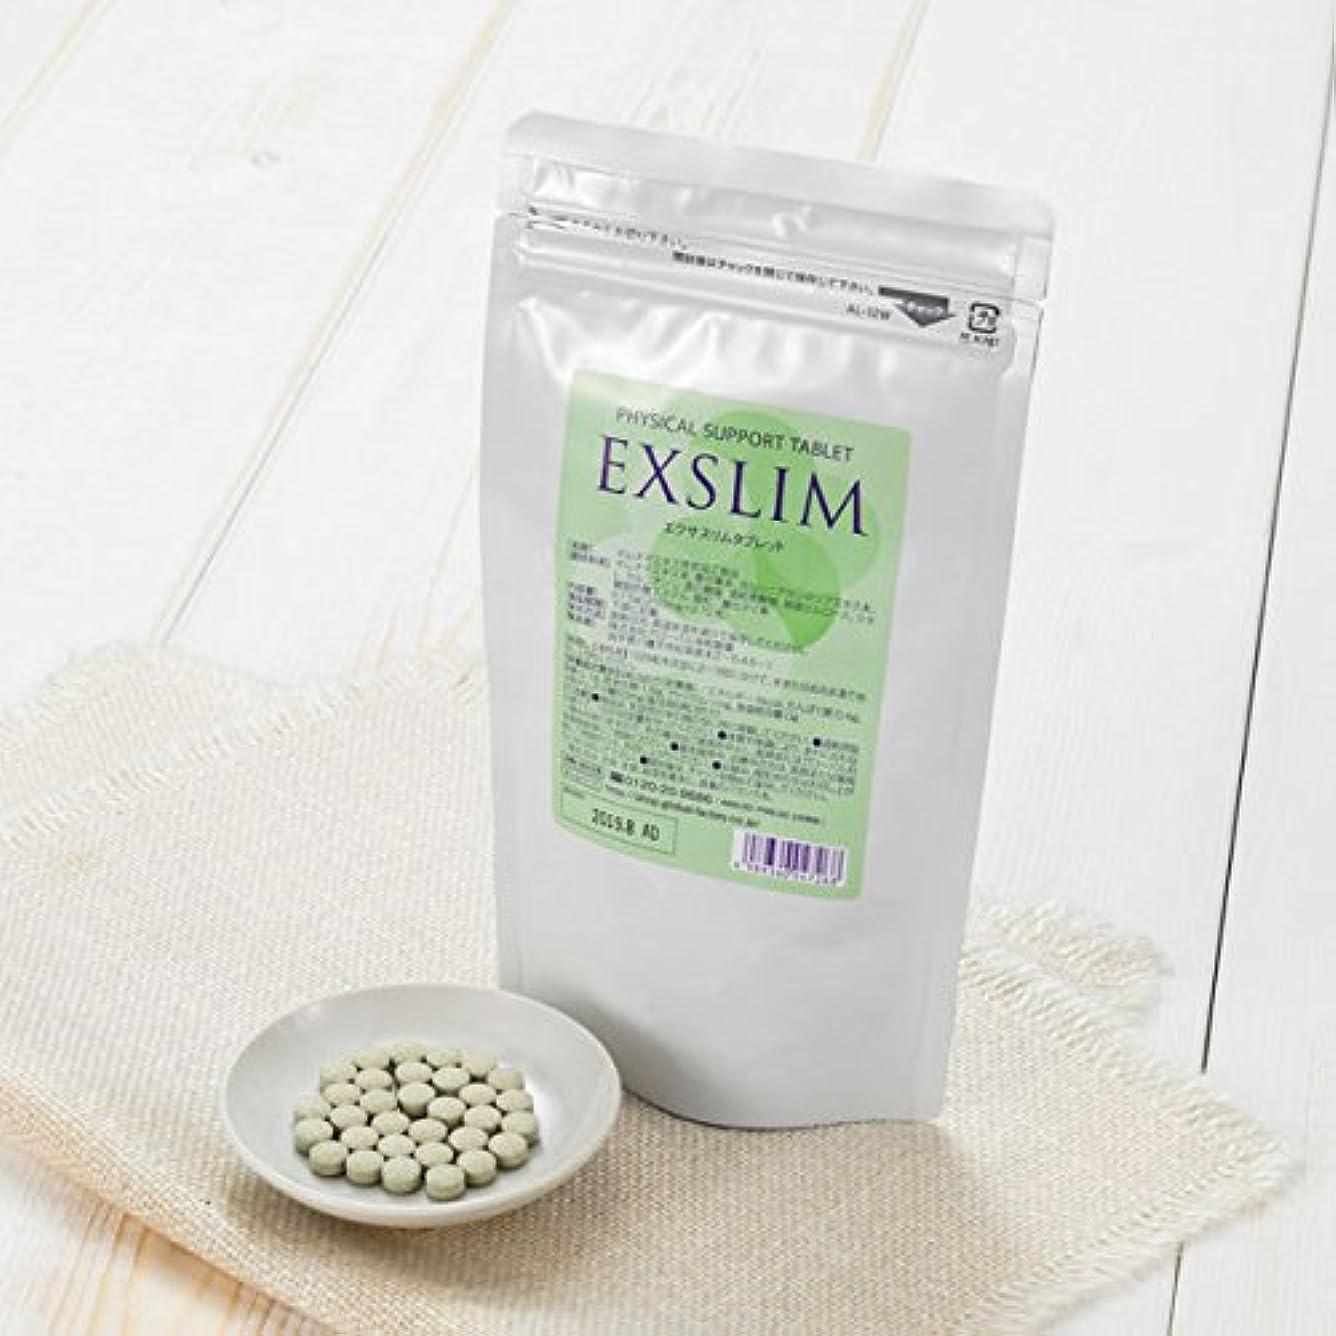 ずらす人気僕の【EXSLIM】エクサスリム タブレット (250mg×270粒)